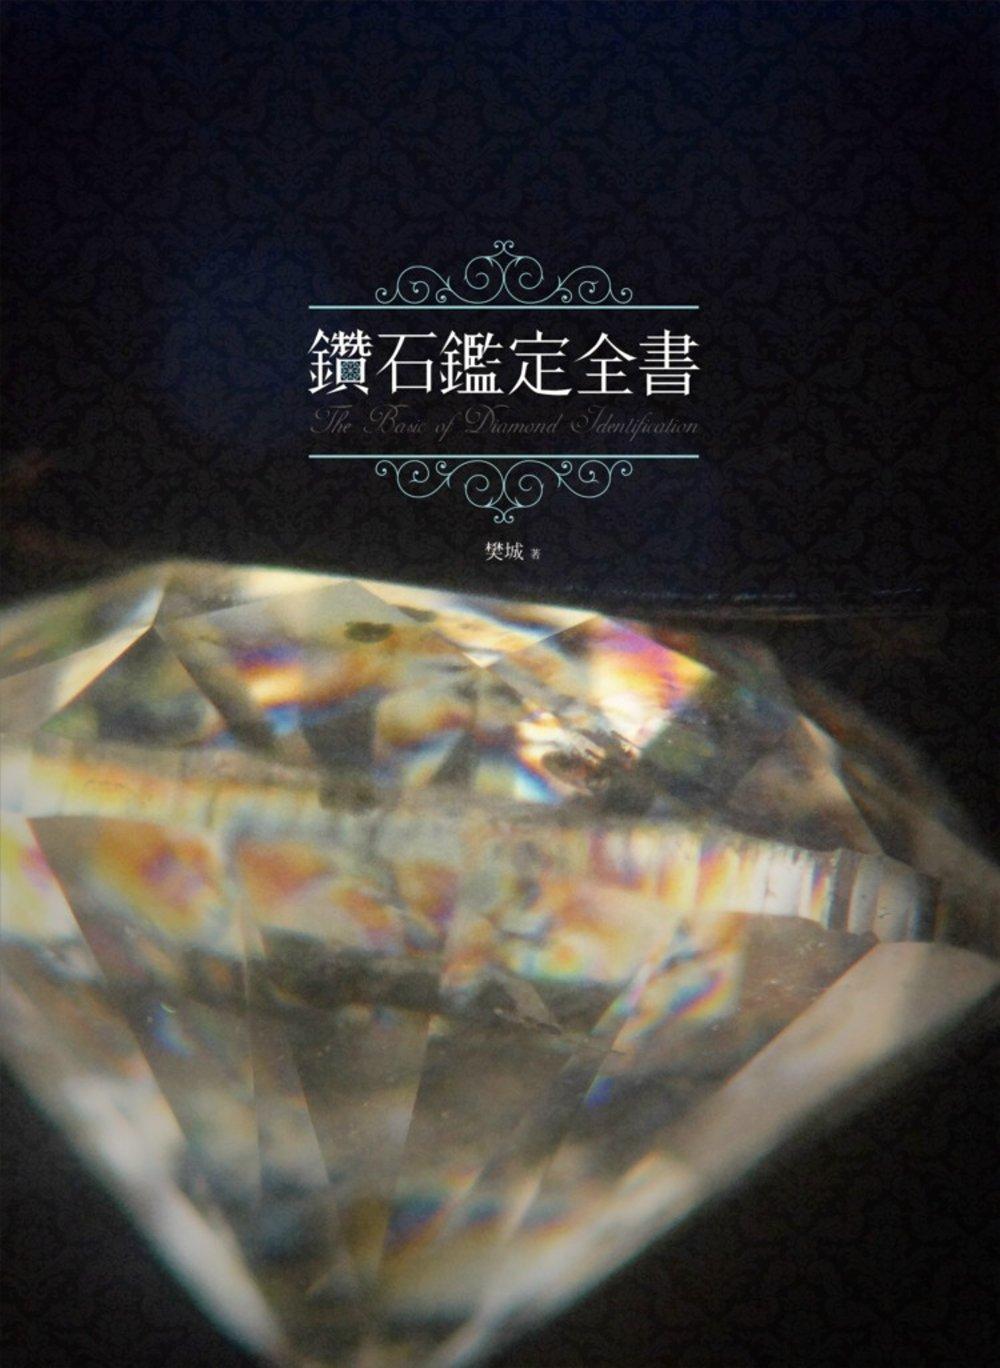 鑽石鑑定全書